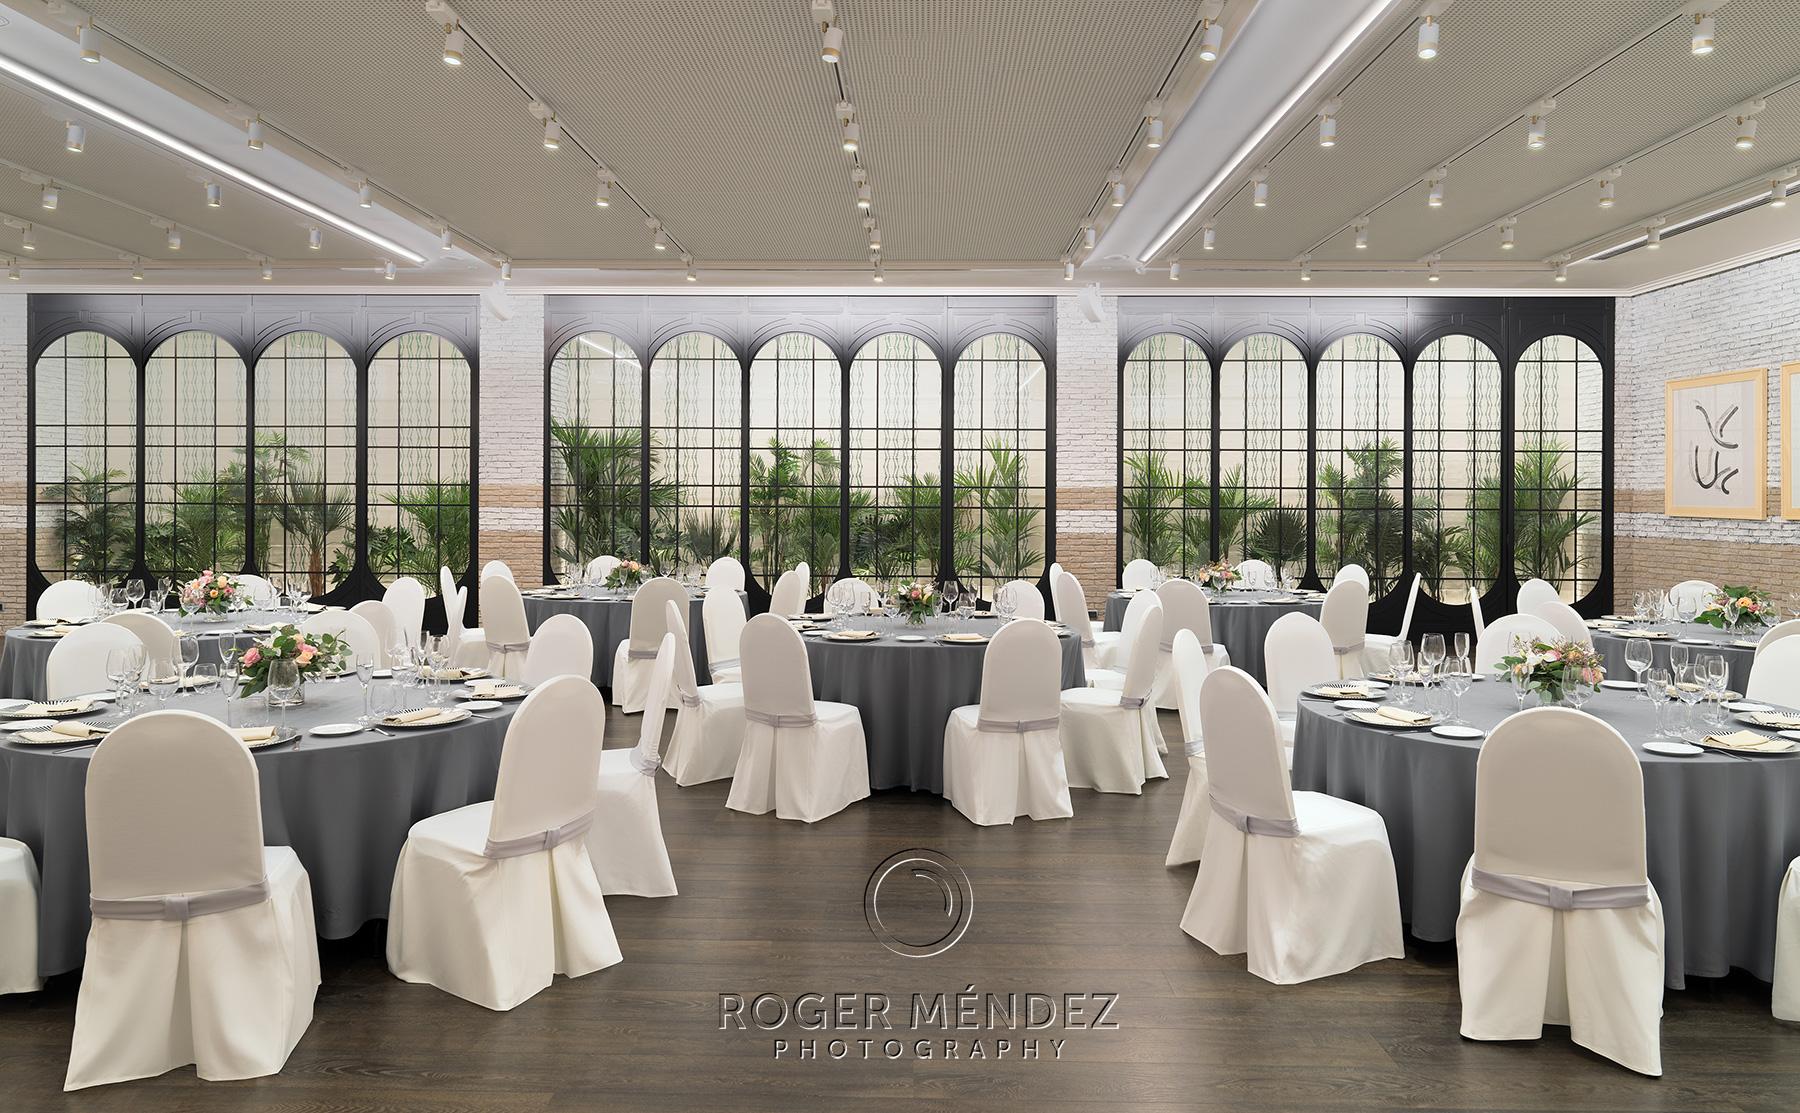 Fotografía Sala Icaria montaje banquete